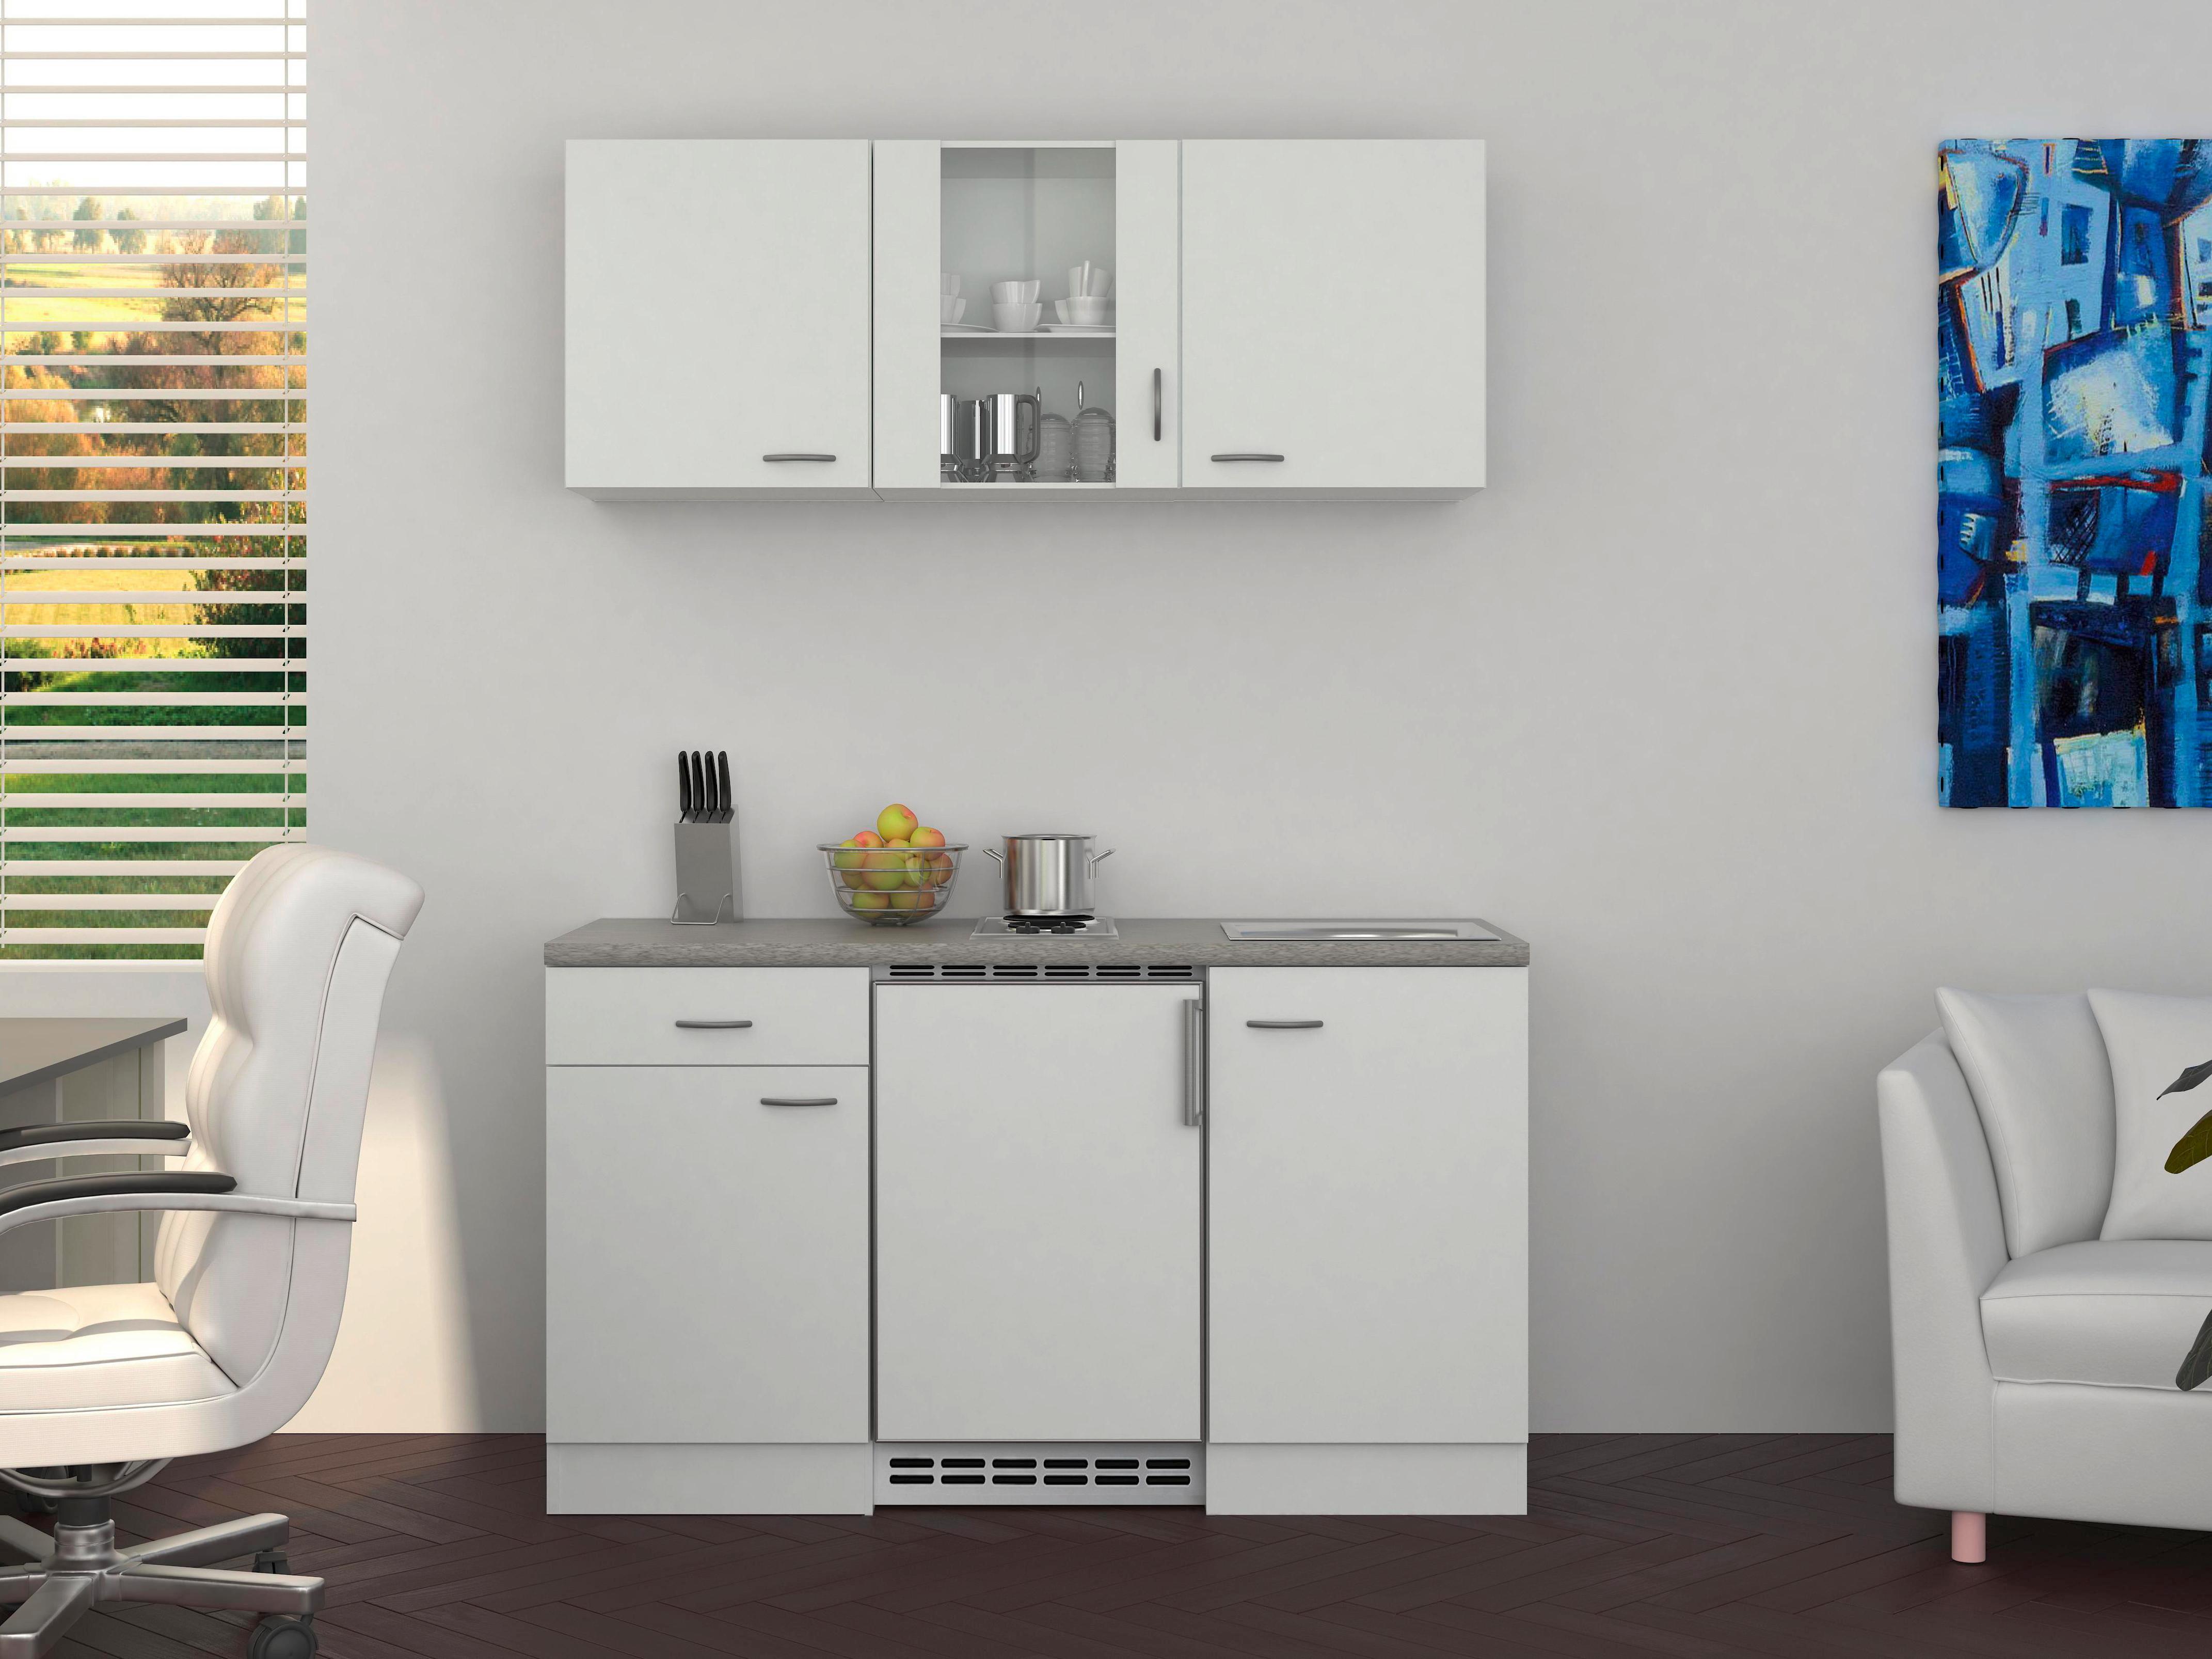 Mini Kühlschrank Möbelix : Unterschrank küche 150 cm. küche waschbecken unterschrank